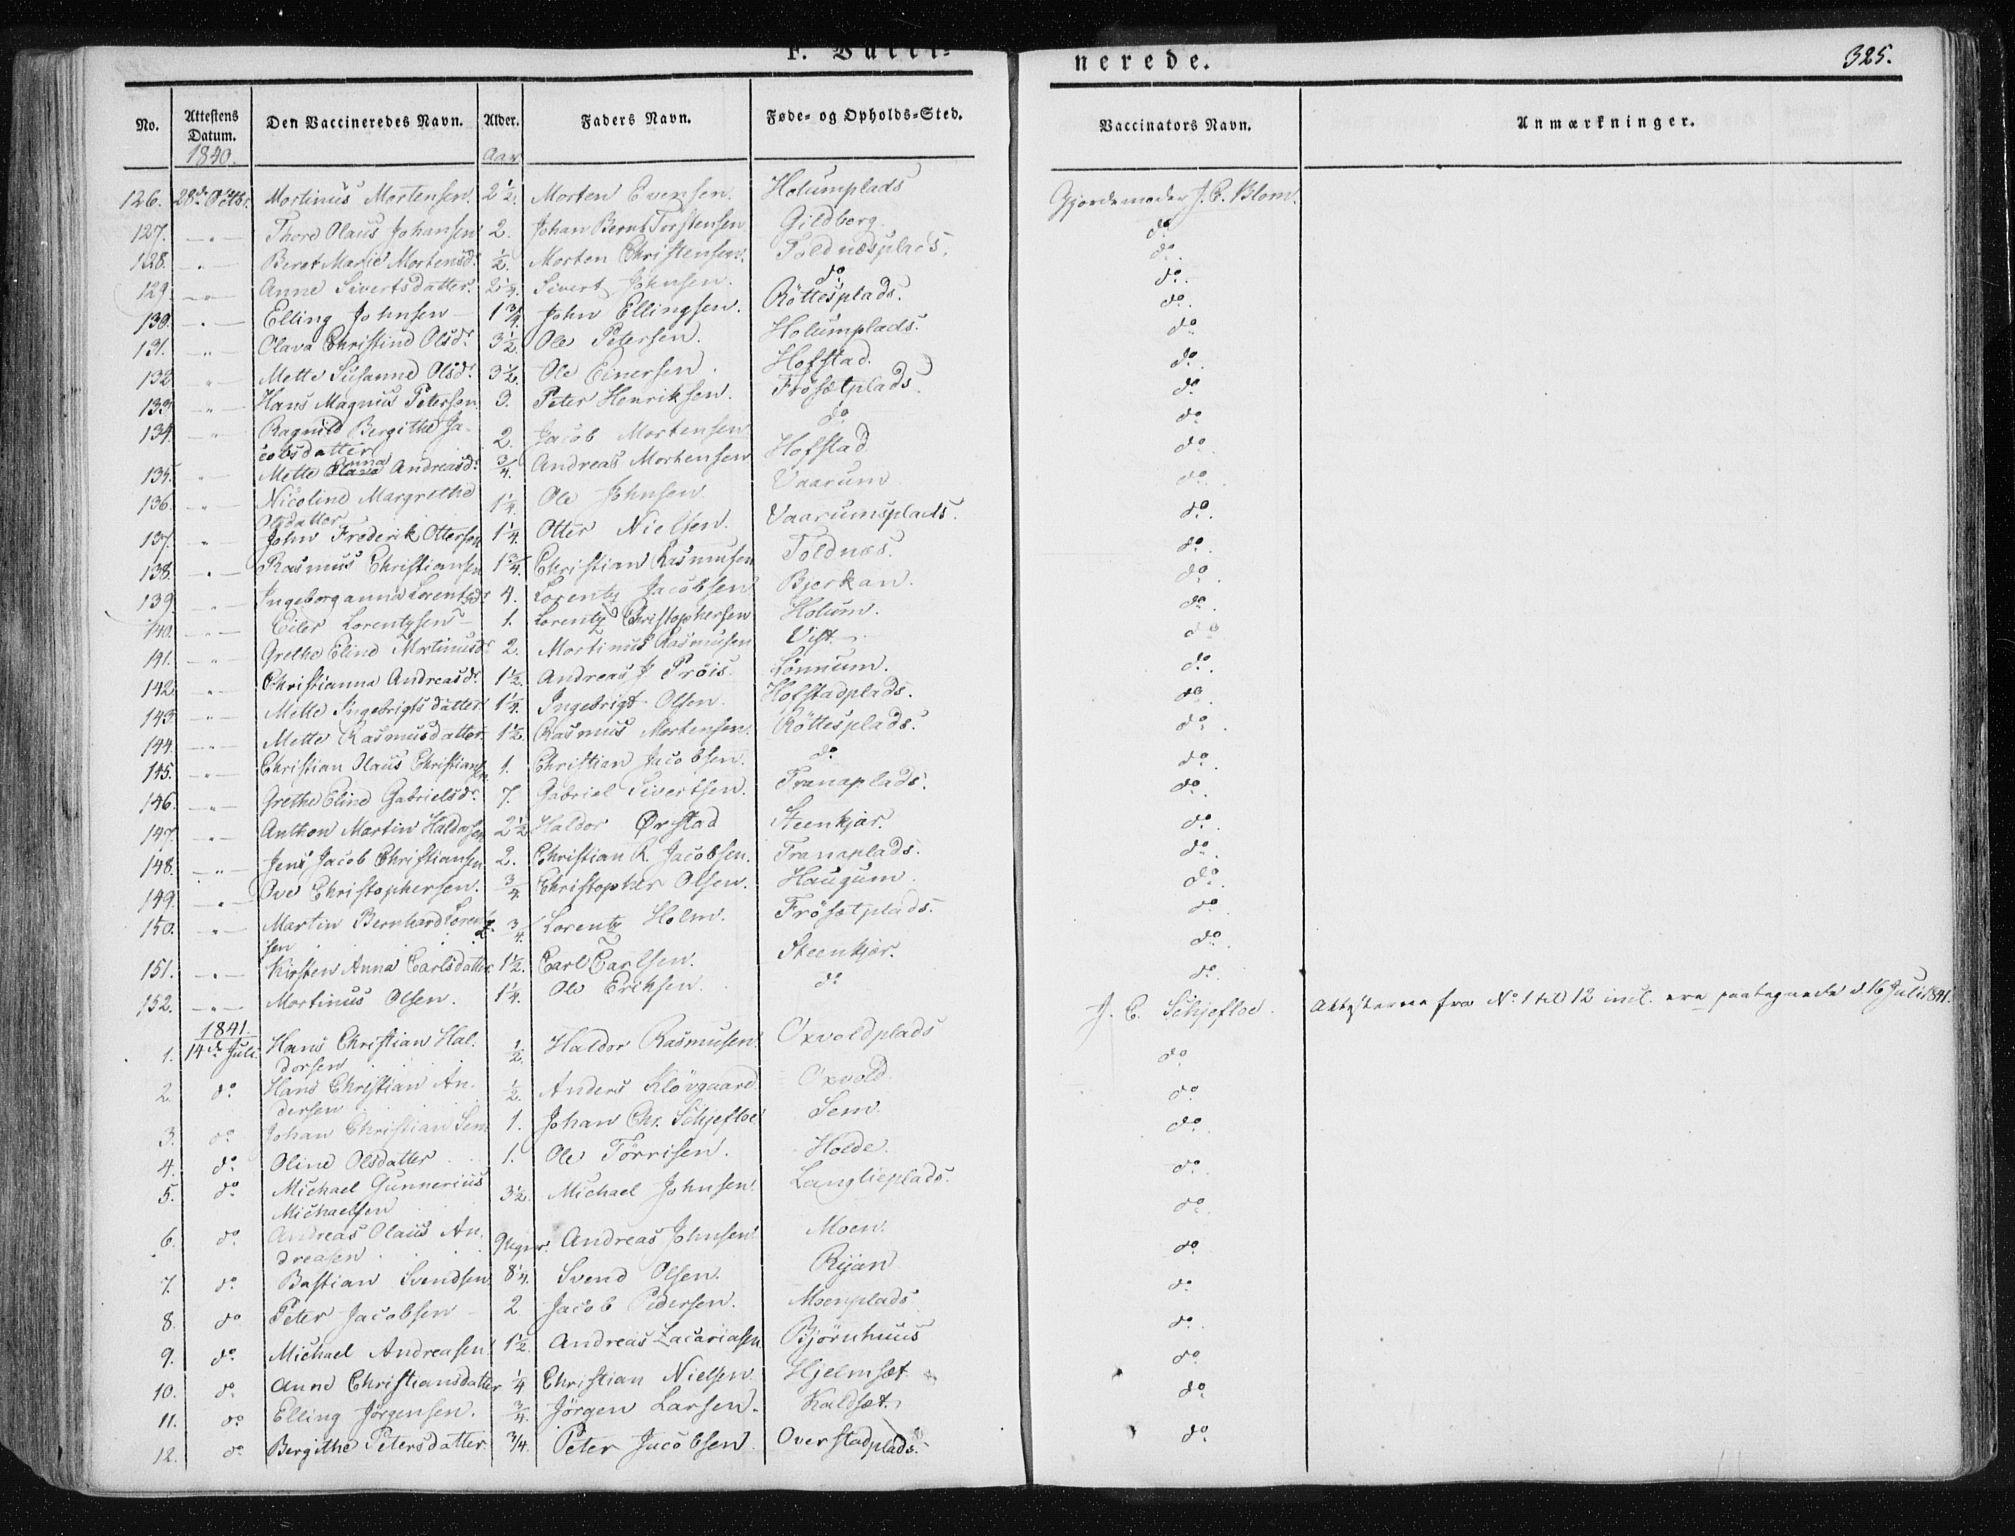 SAT, Ministerialprotokoller, klokkerbøker og fødselsregistre - Nord-Trøndelag, 735/L0339: Ministerialbok nr. 735A06 /1, 1836-1848, s. 325